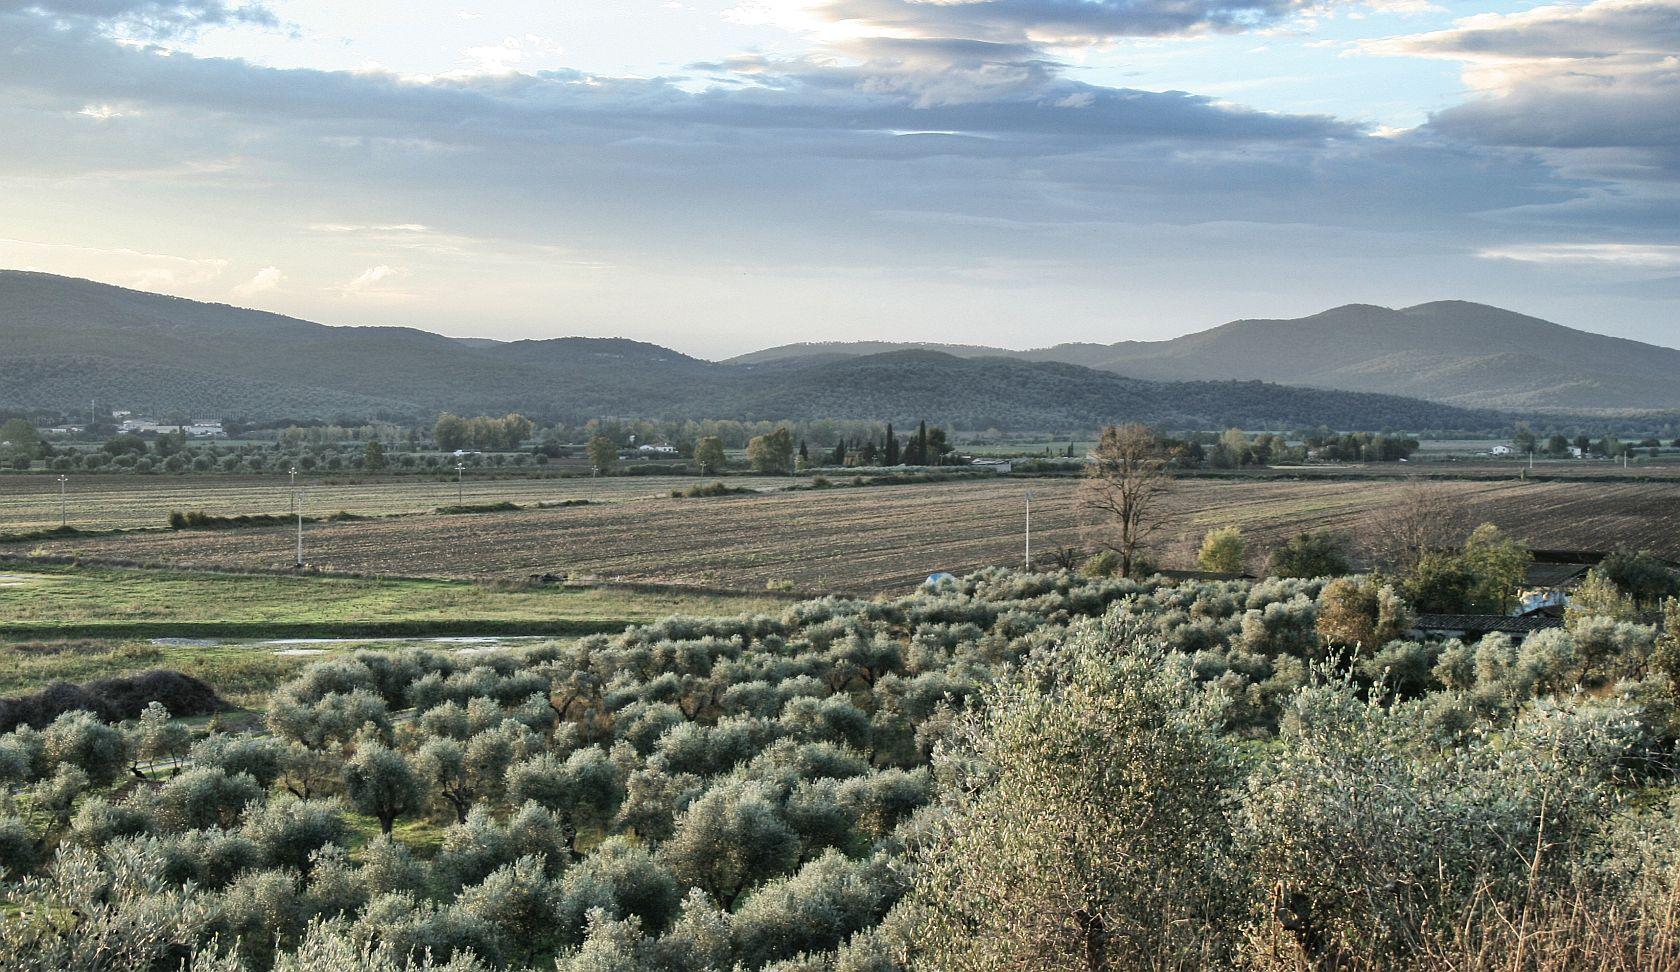 vista panoramica sugli ulivi della Tenuta di Montellattaia in Toscana